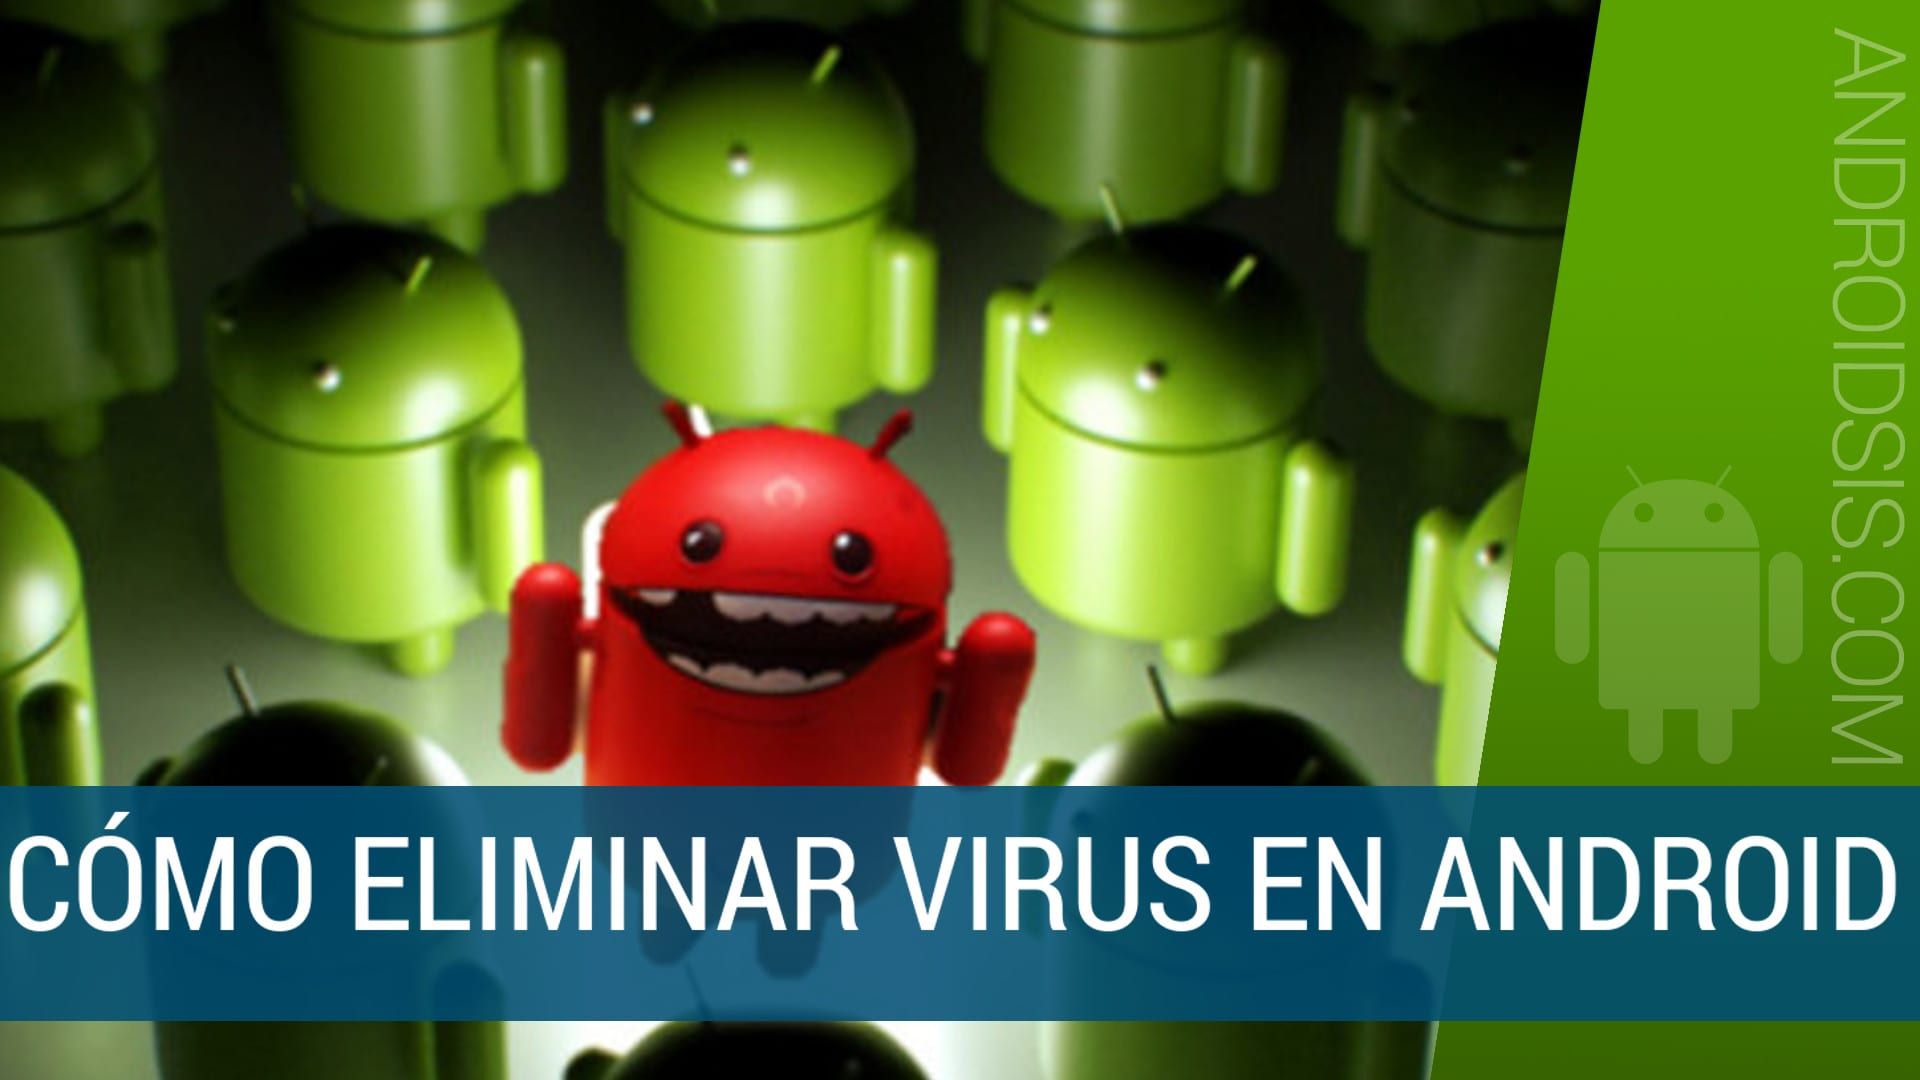 Aplicacion Juegos Porno Movil paso a paso para eliminar virus en android, ¿tiene malware